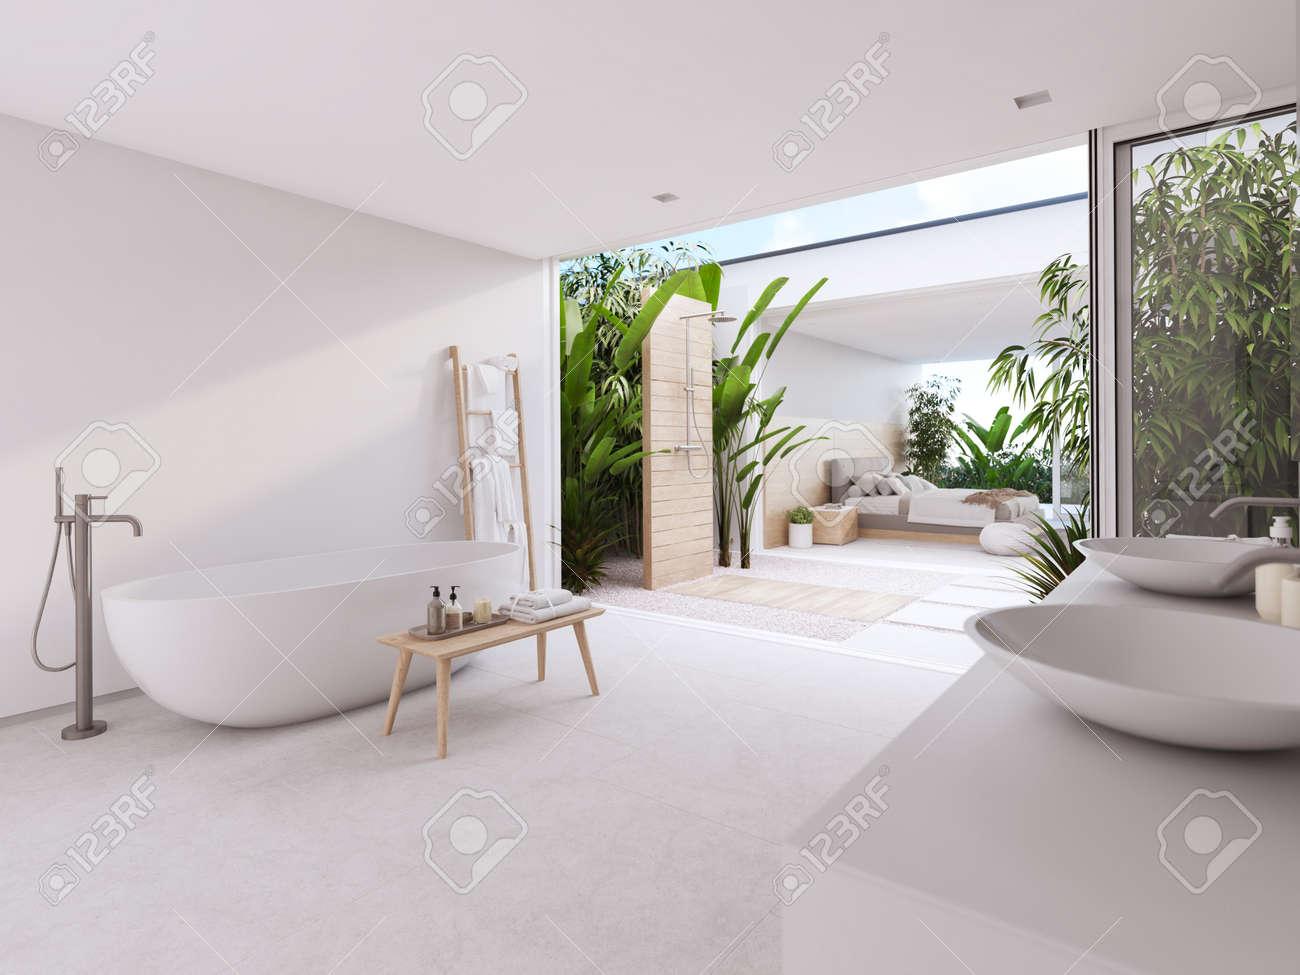 new modern zen bathroom with tropic plants. 3d rendering on bathroom with black accents, modern bathroom interior design, powder room interior design,